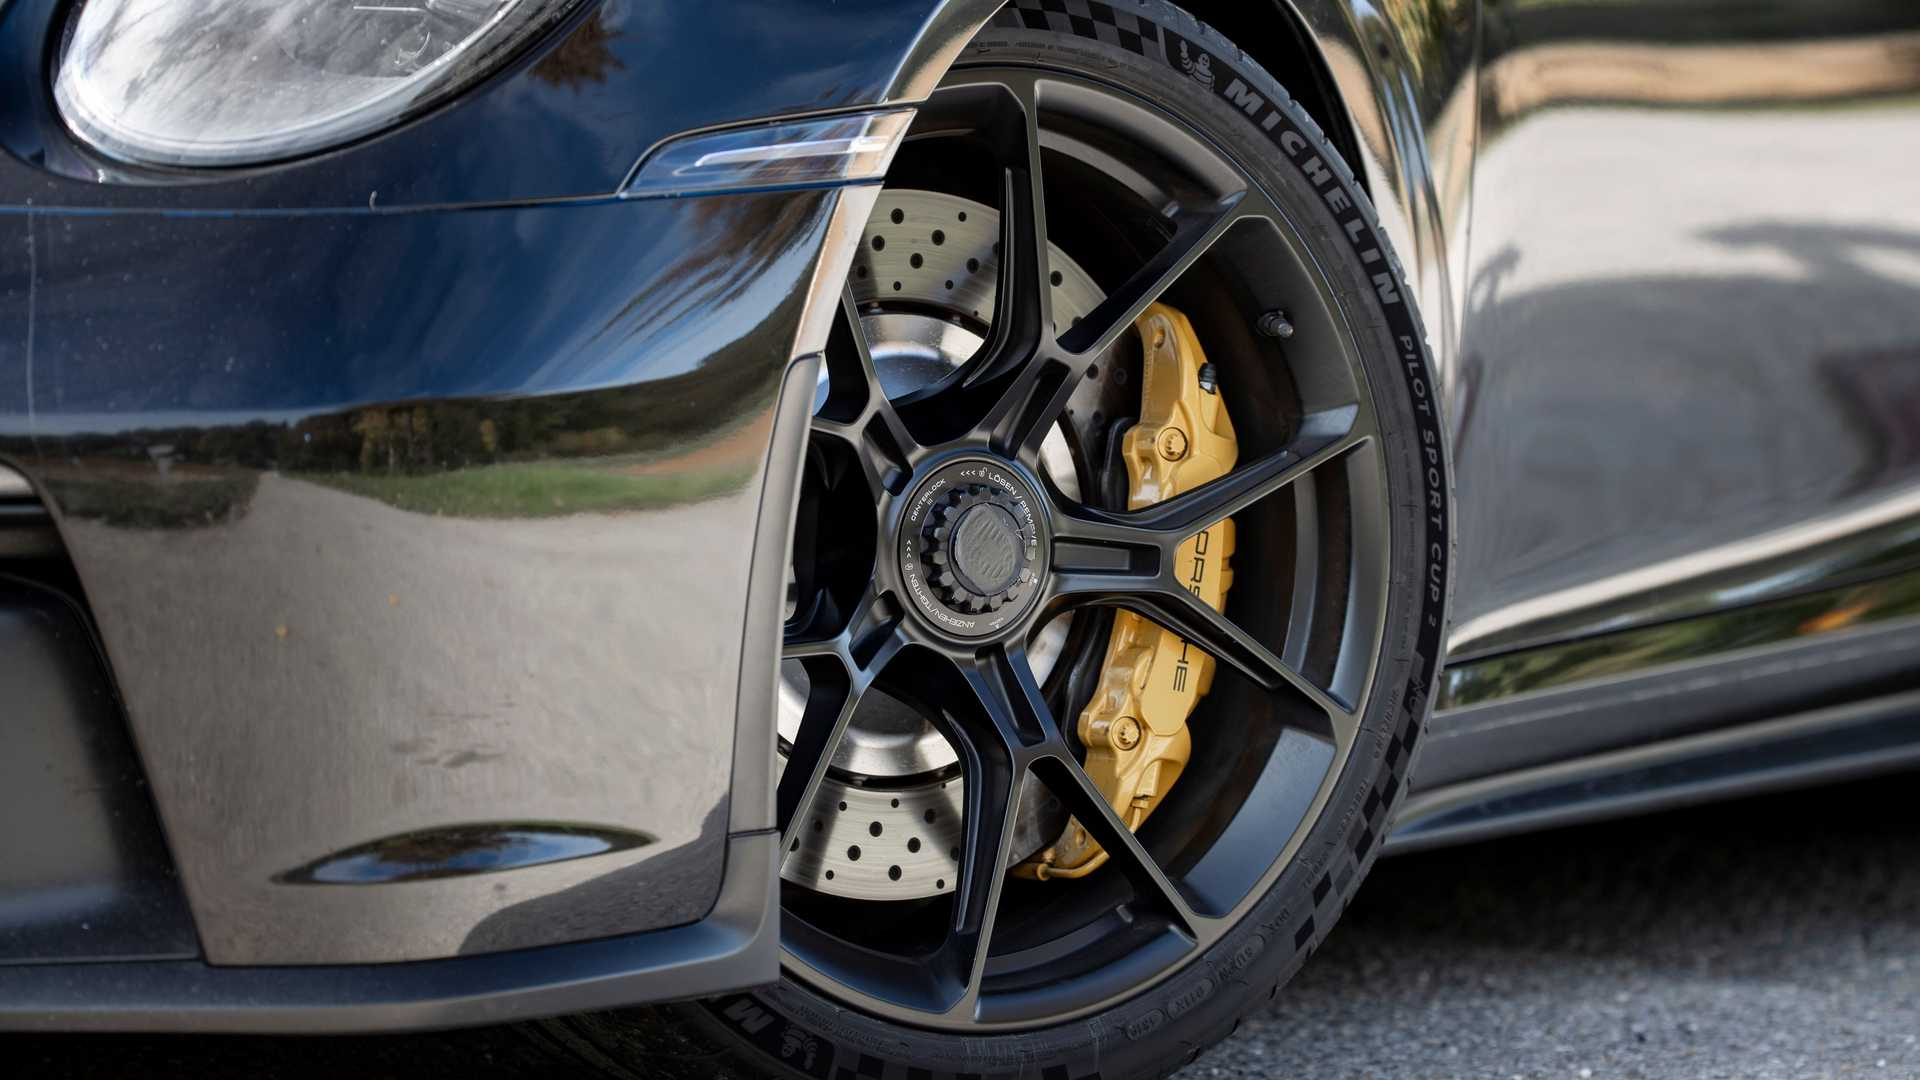 2021-porsche-911-gt3-prototype-wheels-brakes